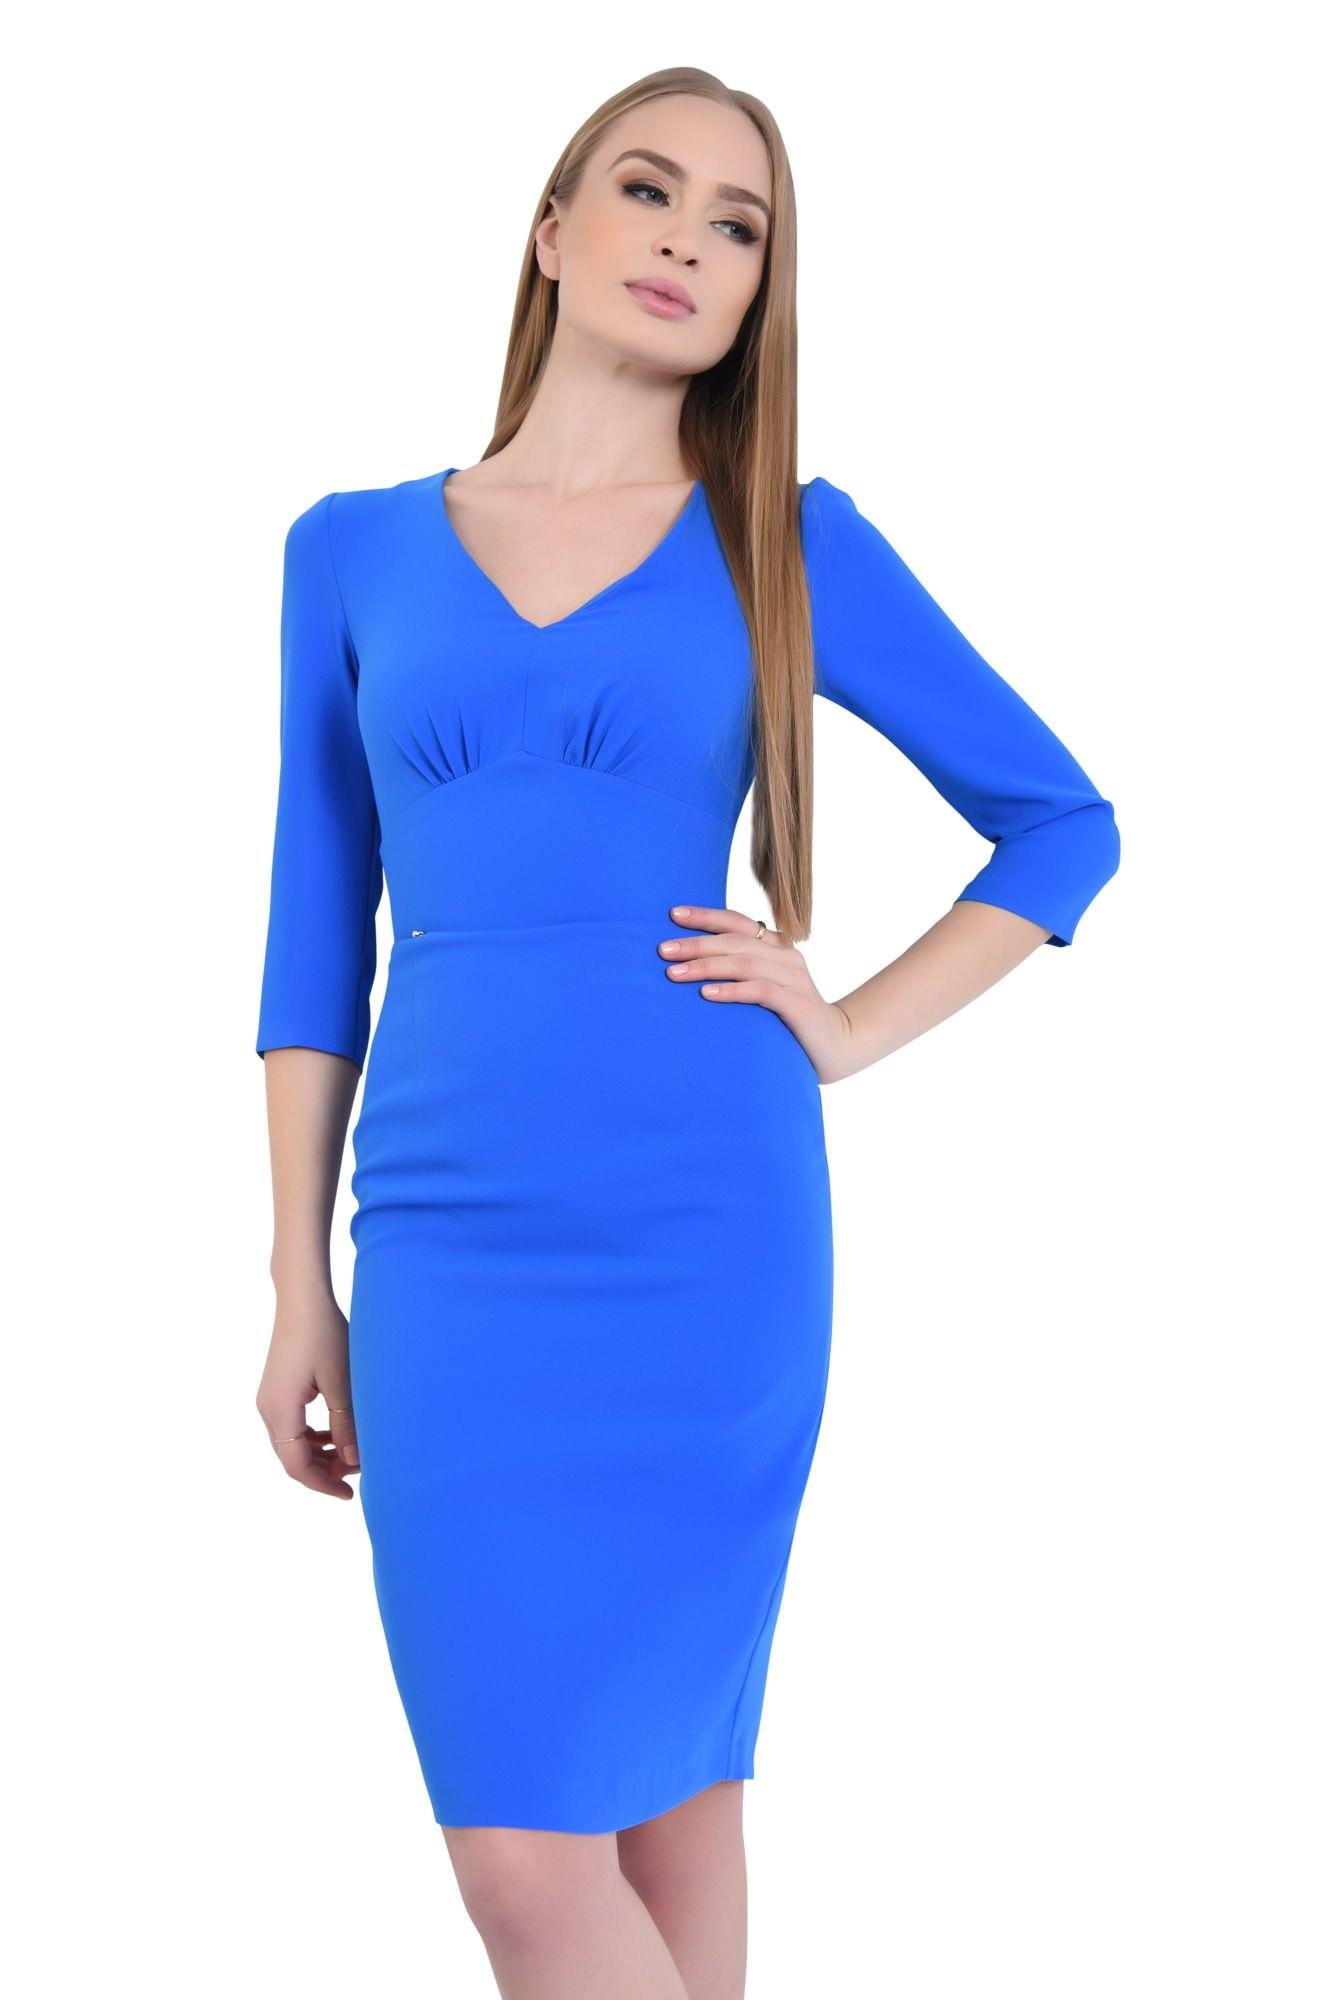 0 - Rochie casual midi, albastra